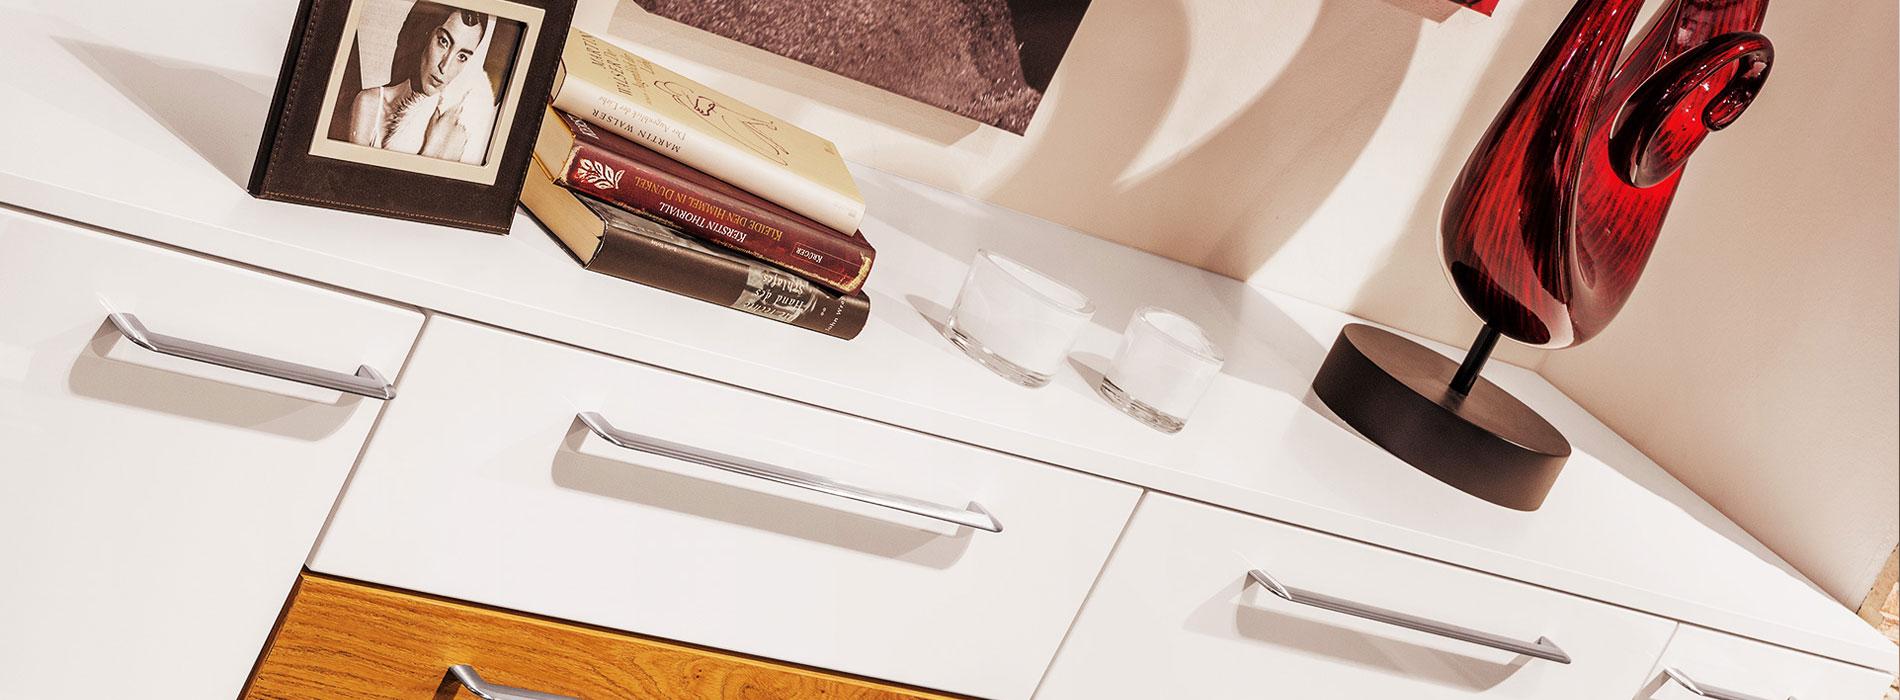 accesorii-mobilier-protege-parol